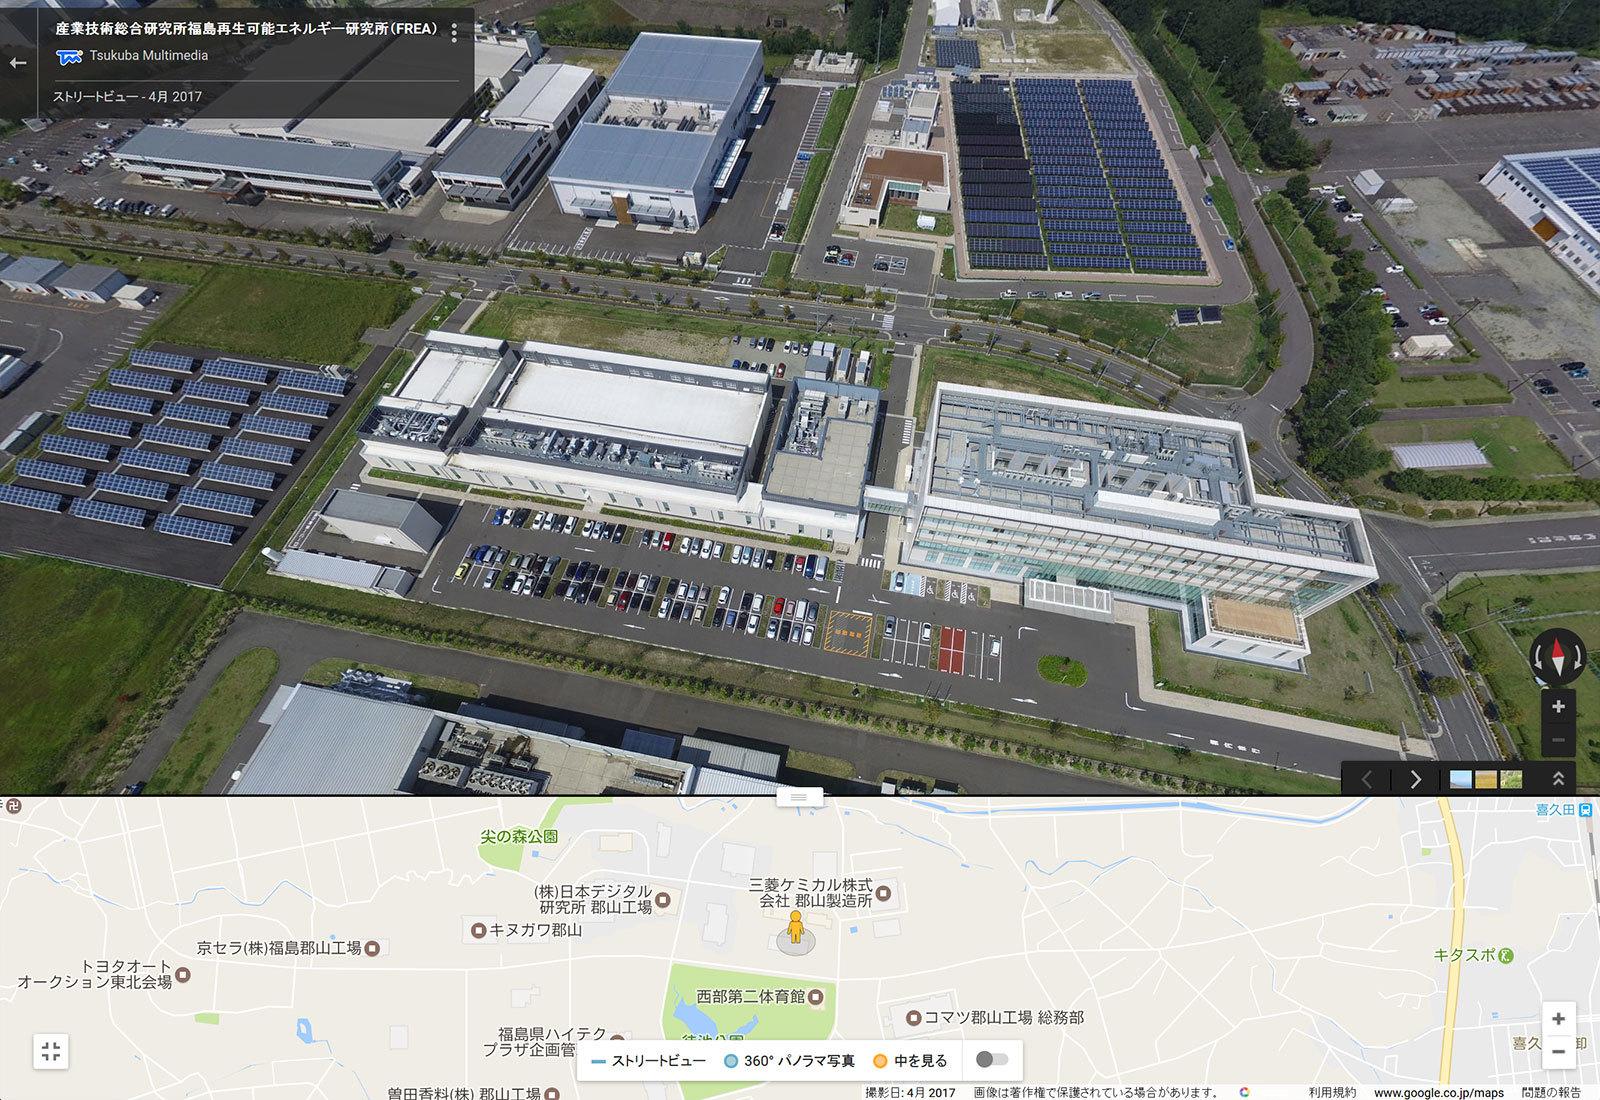 空撮によるパノラマ写真(福島県郡山の工業団地)